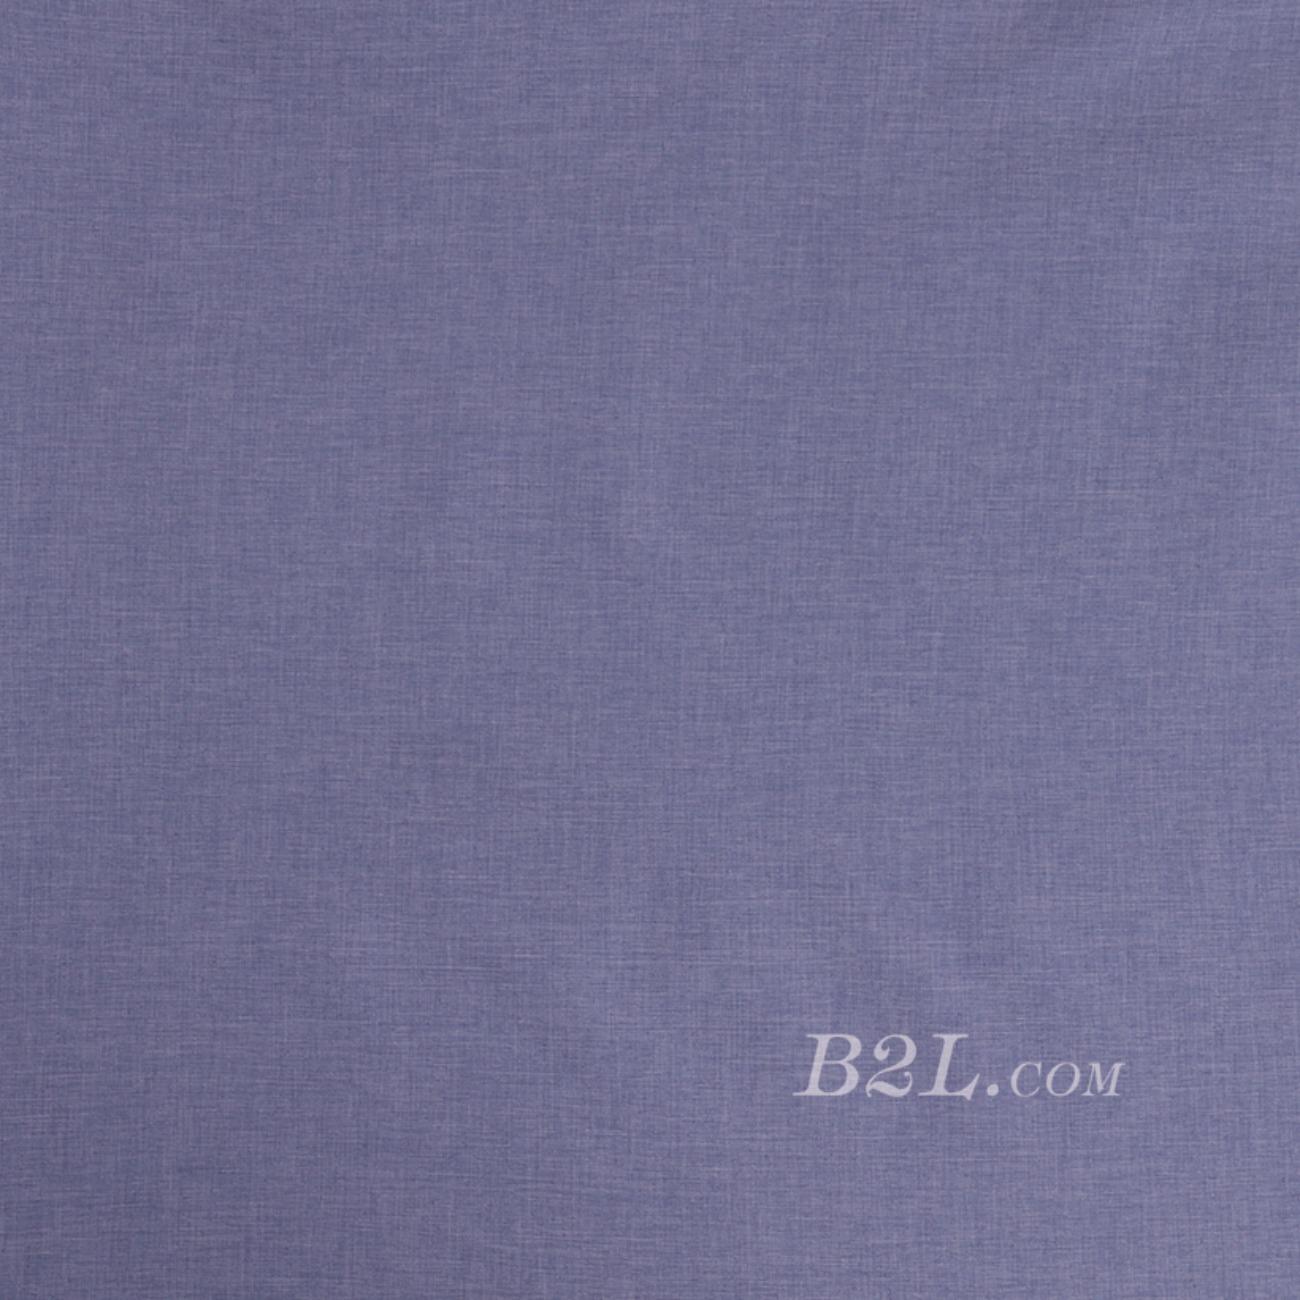 平纹梭织素色染色连衣裙 短裙 衬衫 四面弹春 秋 柔软 薄 70703-21